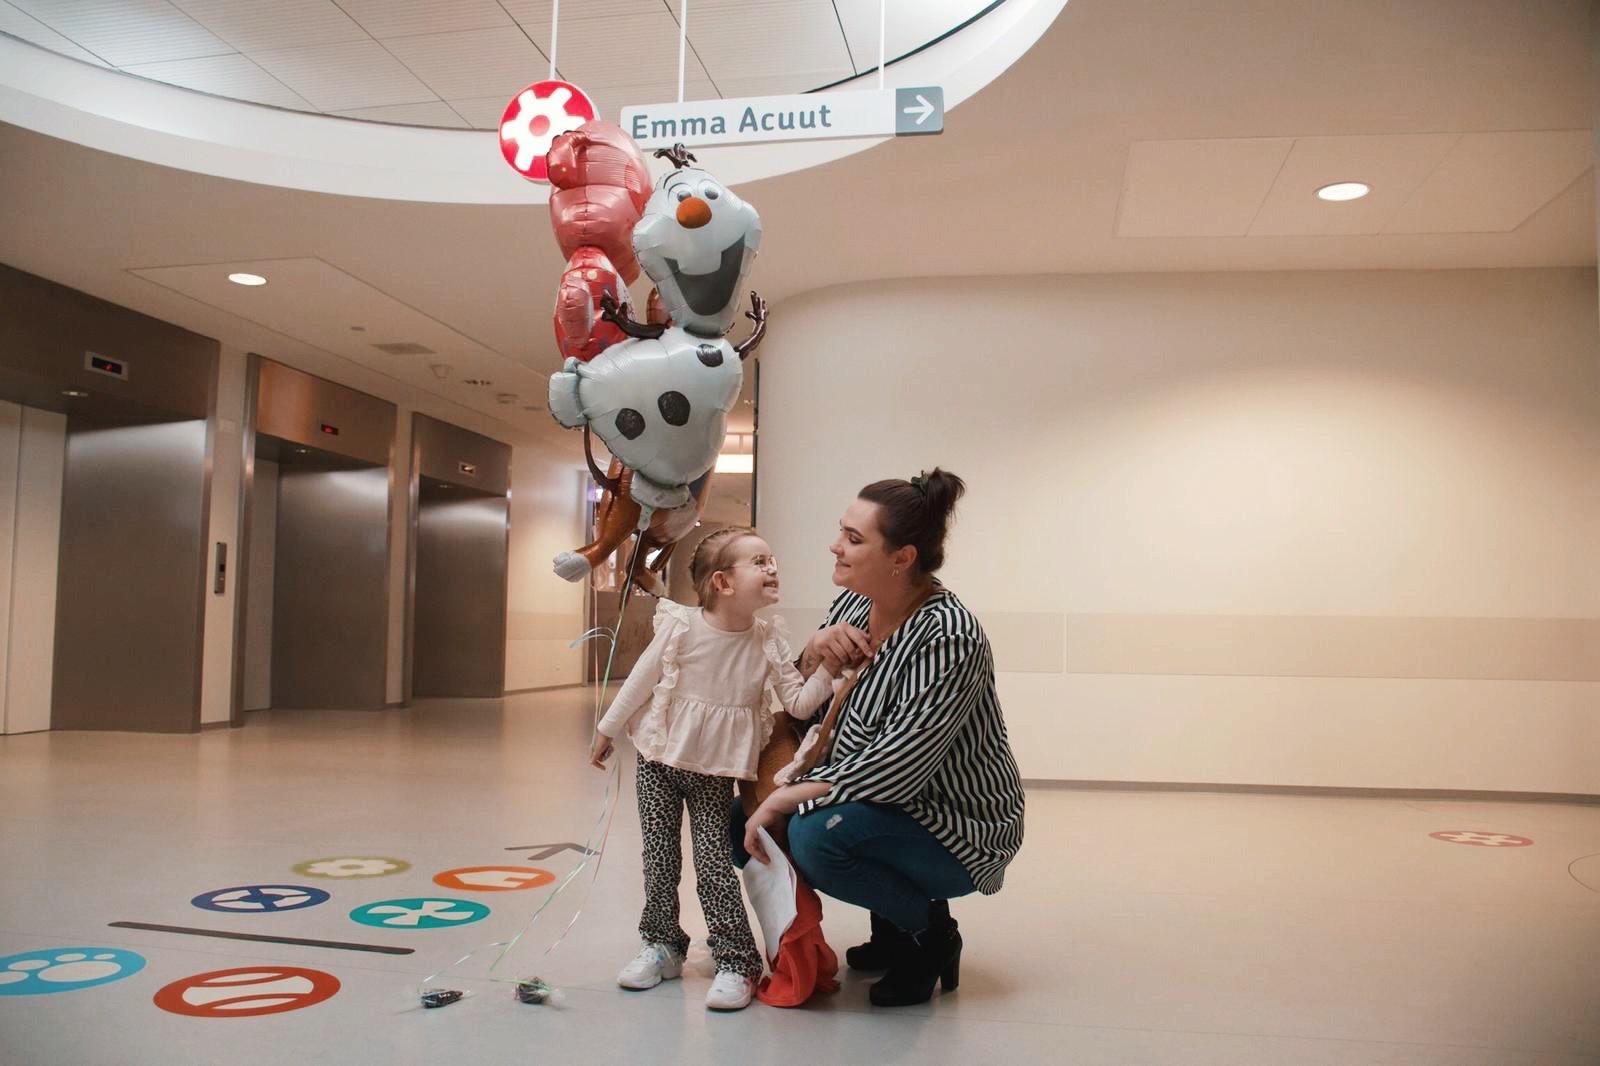 blij in het ziekenhuis Door onzorgvuldigheid van de huisarts raakte Lizzy bijna haar dochter Liva kwijt: 'Terwijl mijn meisje bijna niet meer kon ademen, werd ik als overbezorgde moeder neergezet'